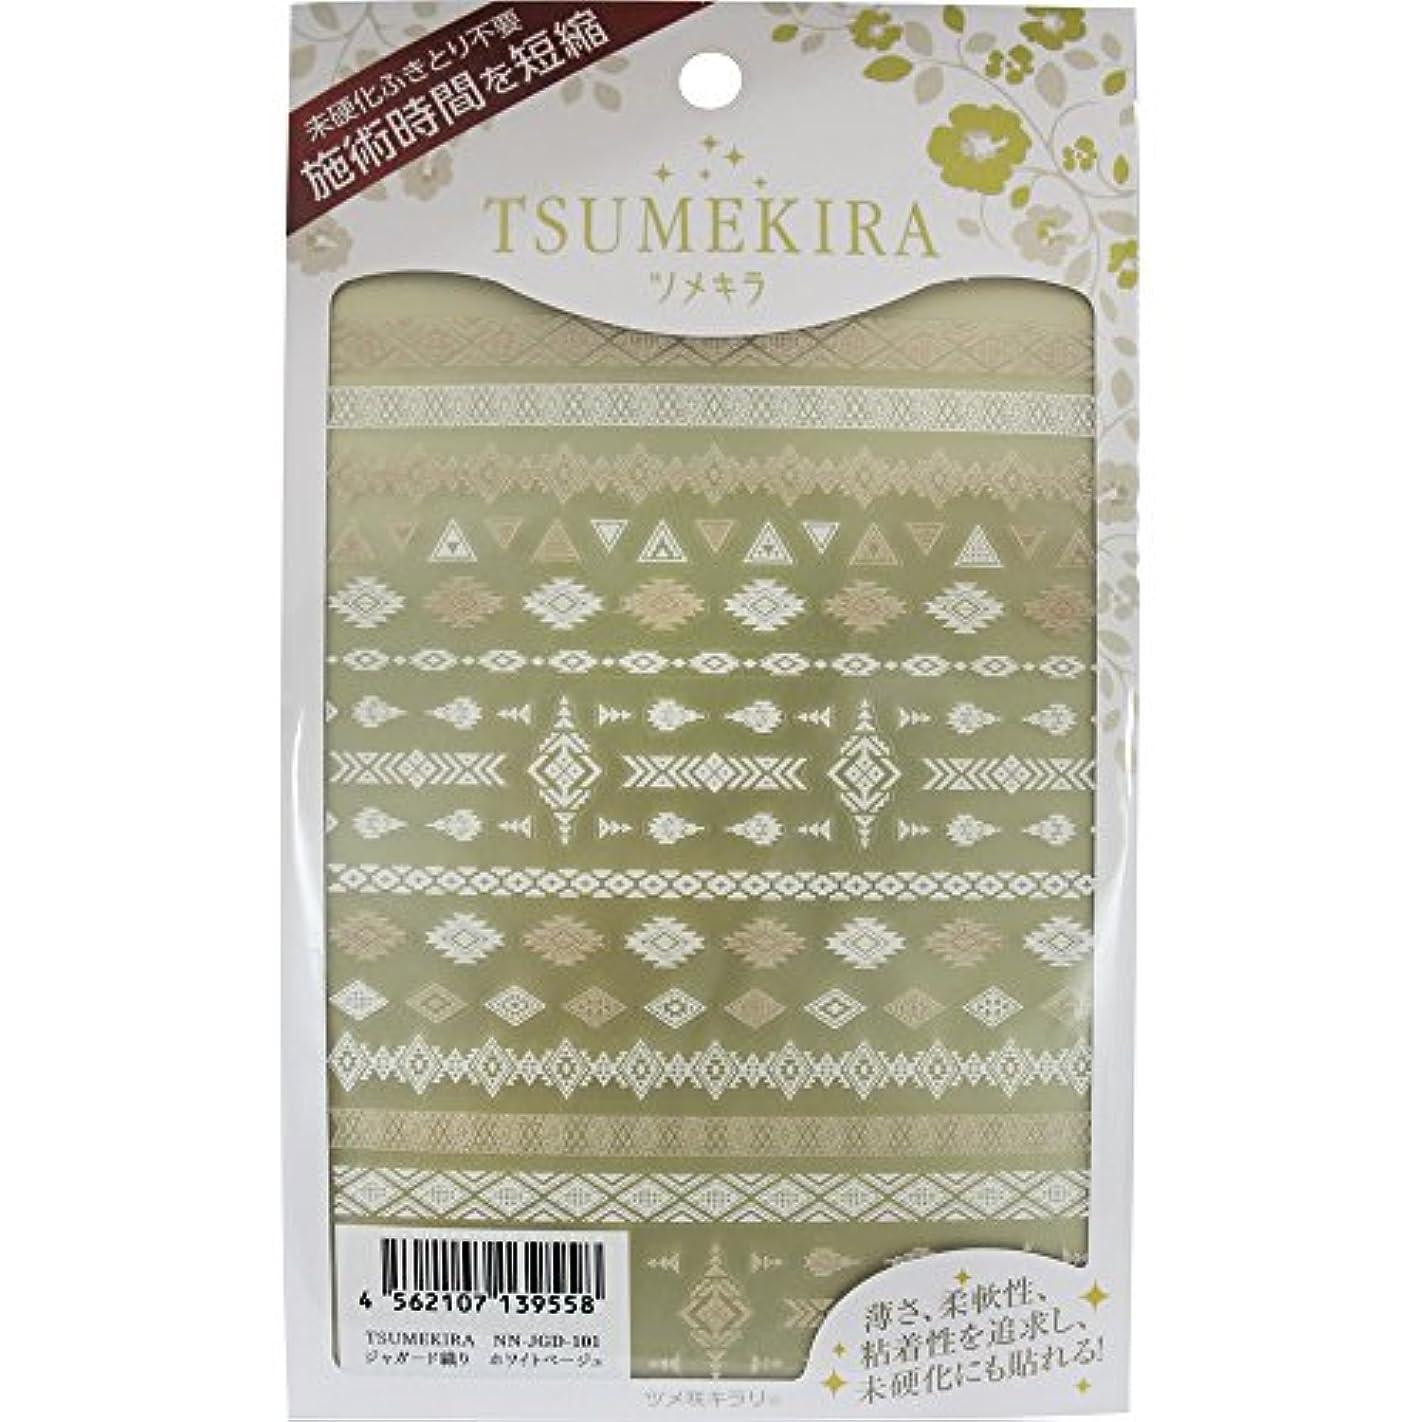 気がついて虚偽クローゼットツメキラ(TSUMEKIRA) ネイル用シール ジャガード織り ホワイトベージュ NN-JGD-101